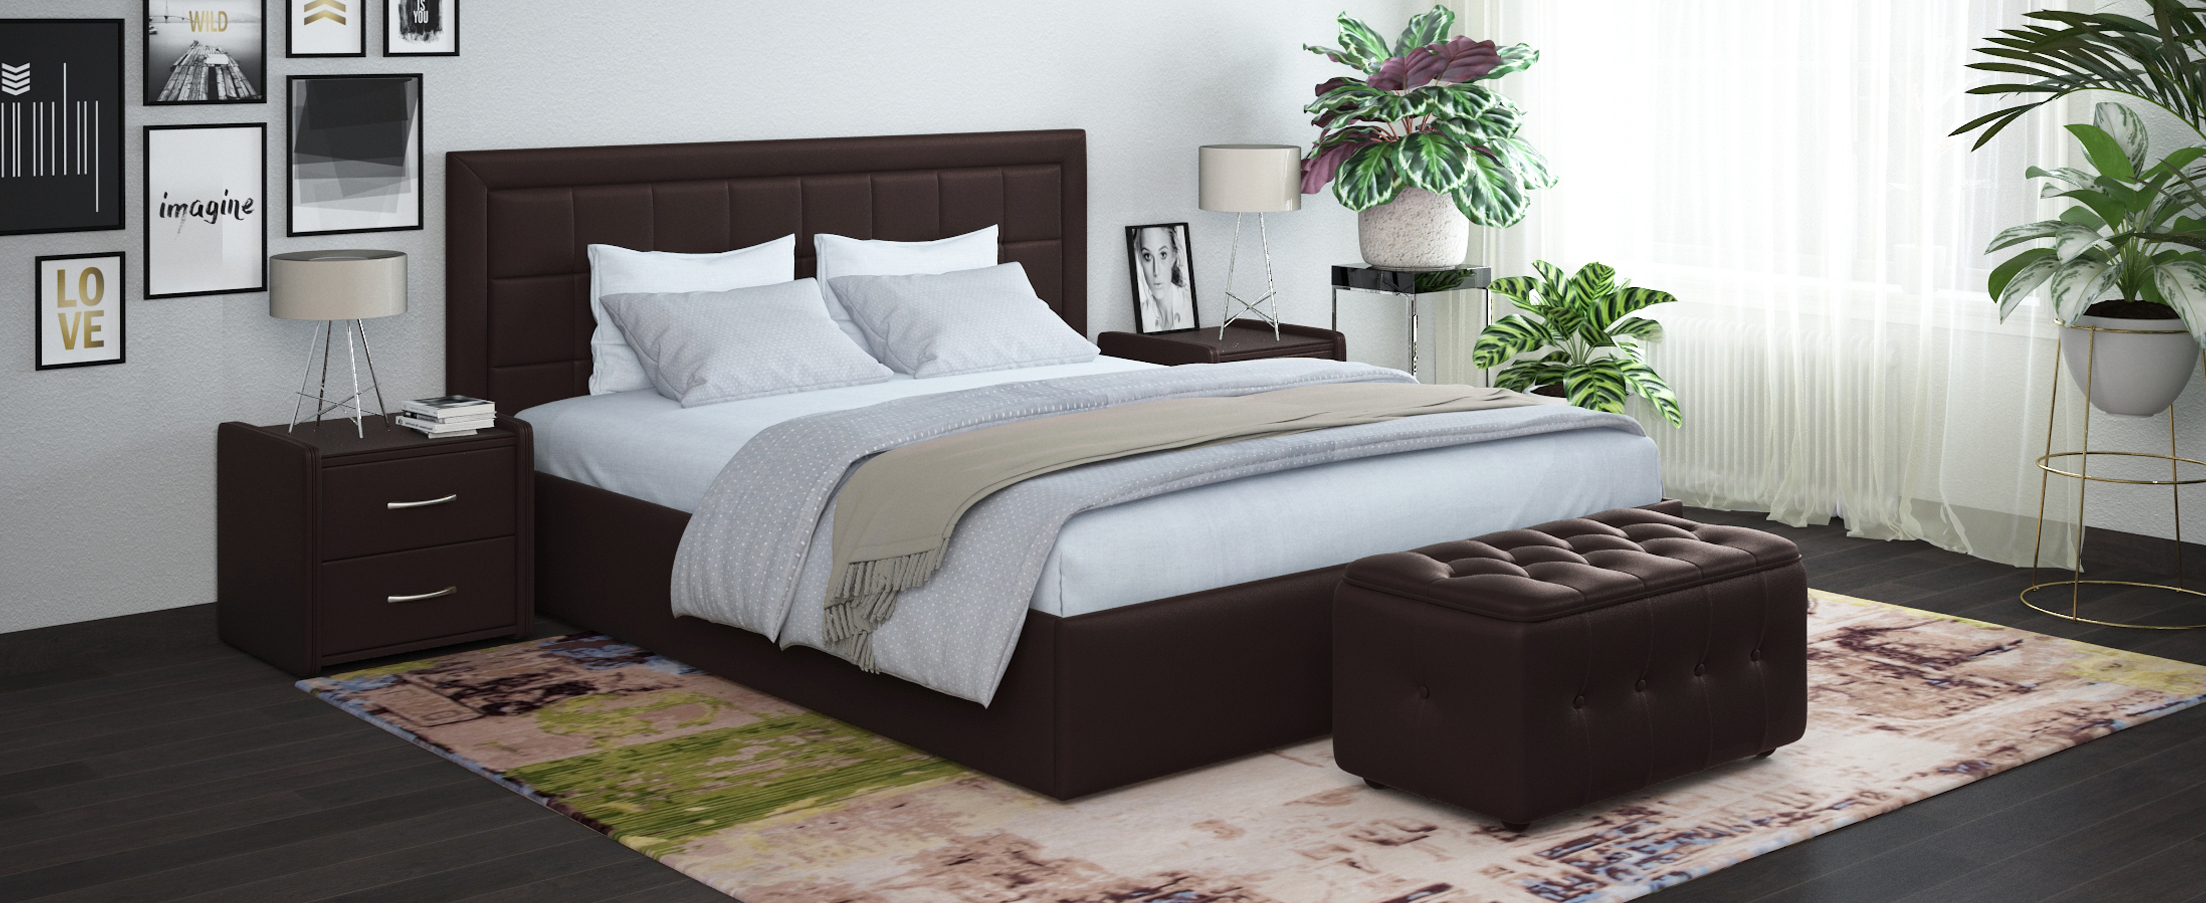 Кровать двуспальная Ноэми 140х200 Модель 1202Строгий дизайн кровати Ноэми является примером сдержанной универсальной красоты, благодаря этому модель прекрасно подходит как к современному интерьеру спальни, так и к классическому.